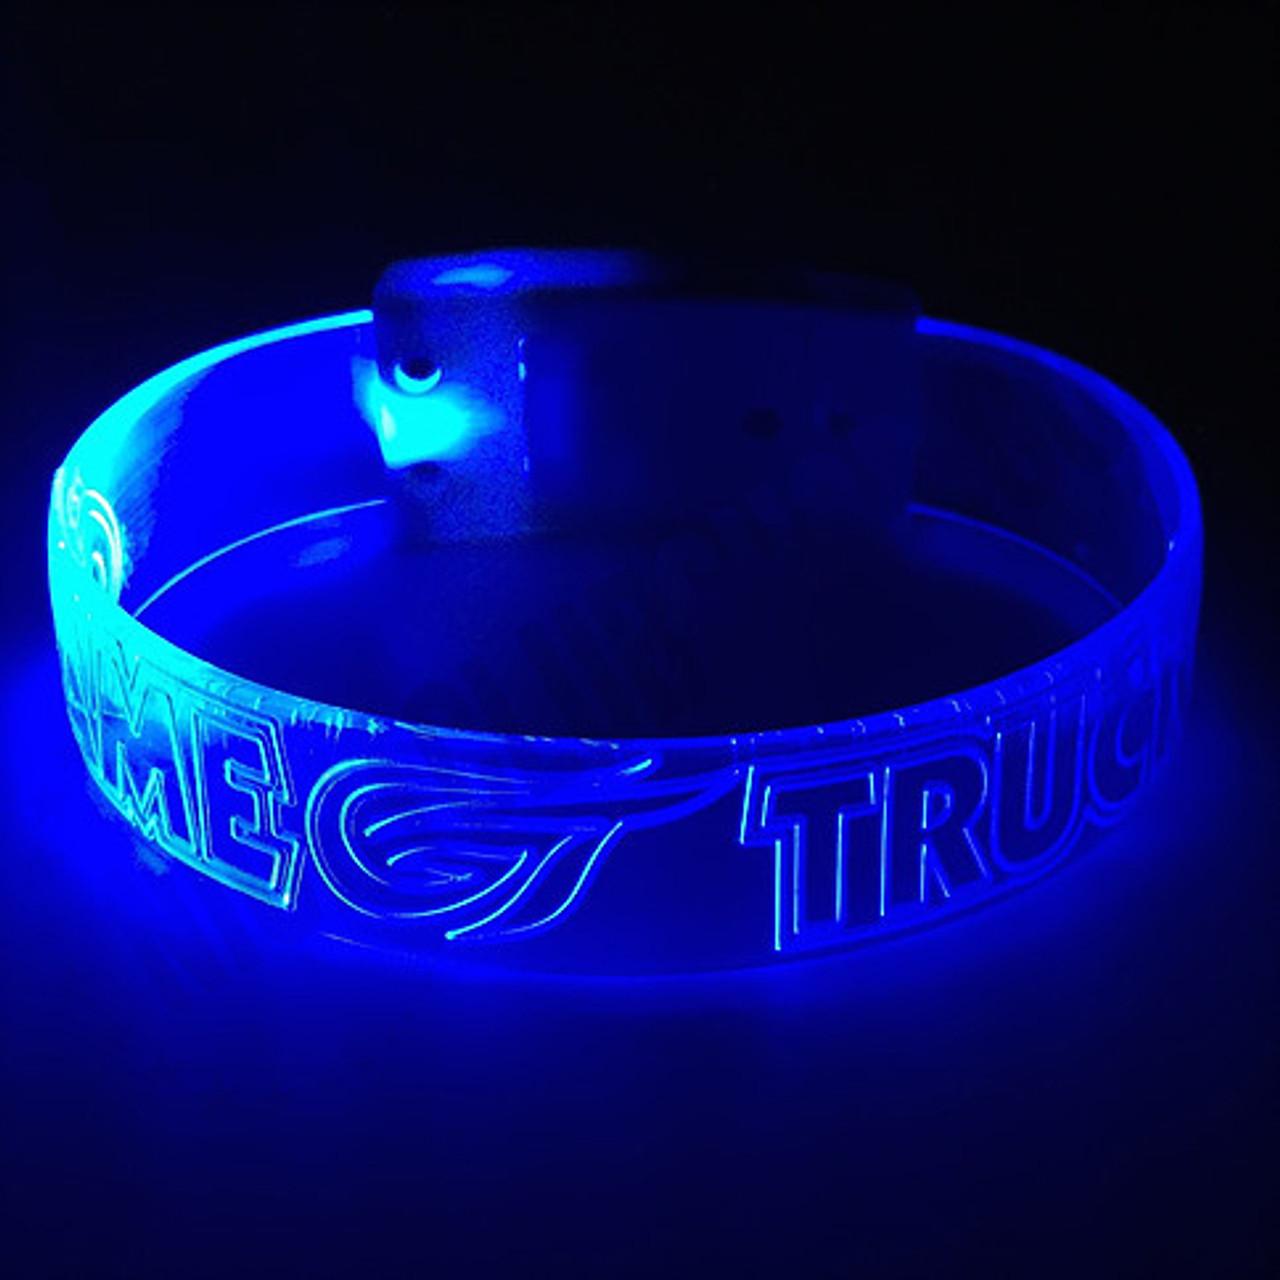 LED, wristband, wholesale, pricing, bulk, LED Bands, Band, personalized, custom, brandingLED, bride, groom, Light up, Light, Iluminated, Glow, Wristband, wrist Band